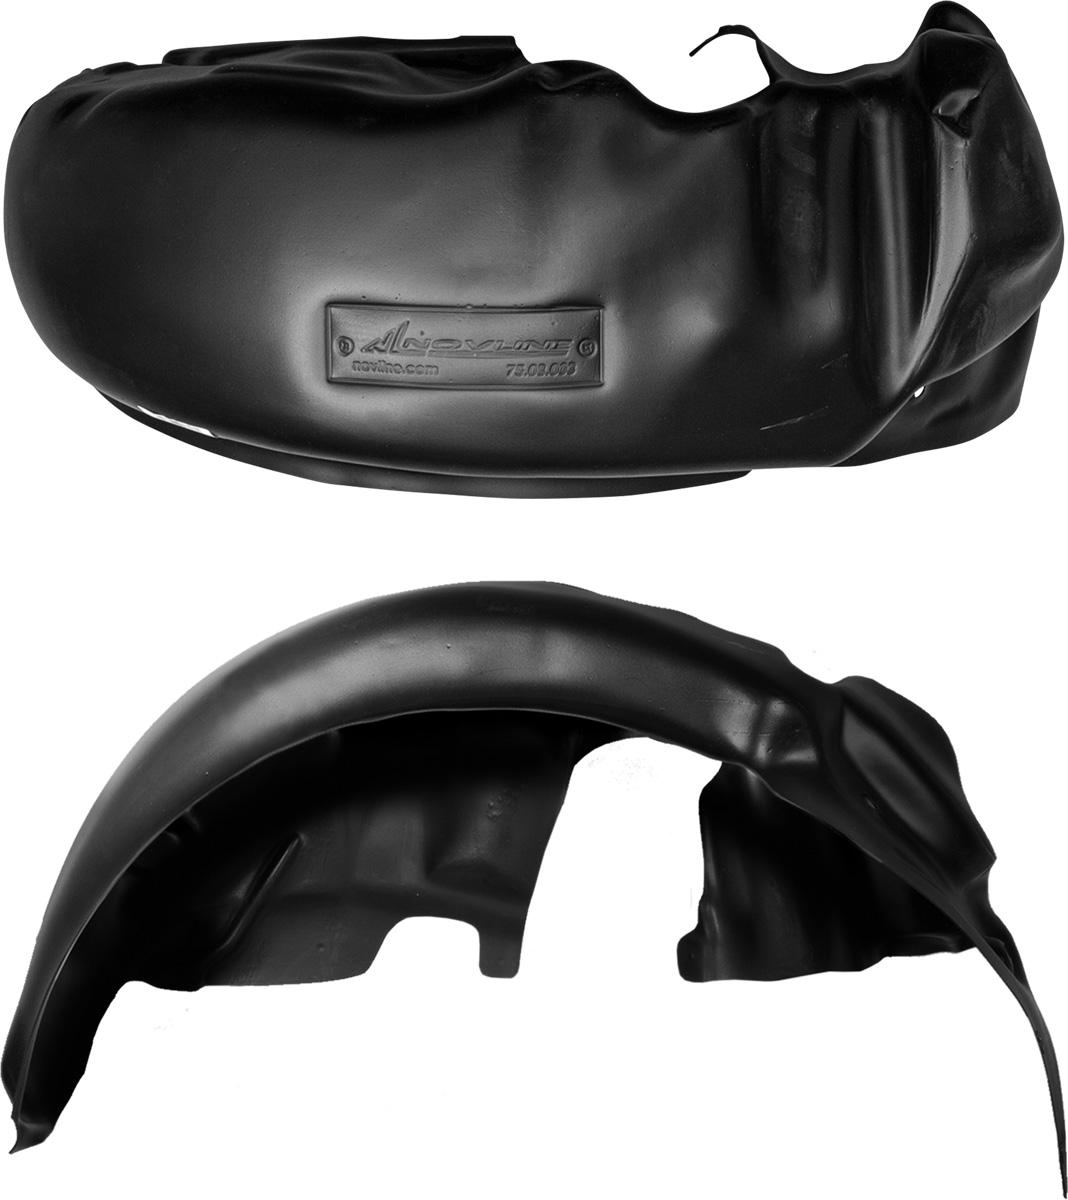 Подкрылок Novline-Autofamily, для Nissan Terrano 4x4 2014-, задний правыйNLL.36.43.004Колесные ниши - одни из самых уязвимых зон днища вашего автомобиля. Они постоянно подвергаются воздействию со стороны дороги. Лучшая, почти абсолютная защита для них - специально отформованные пластиковые кожухи, которые называются подкрылками. Производятся они как для отечественных моделей автомобилей, так и для иномарок. Подкрылки Novline-Autofamily выполнены из высококачественного, экологически чистого пластика. Обеспечивают надежную защиту кузова автомобиля от пескоструйного эффекта и негативного влияния, агрессивных антигололедных реагентов. Пластик обладает более низкой теплопроводностью, чем металл, поэтому в зимний период эксплуатации использование пластиковых подкрылков позволяет лучше защитить колесные ниши от налипания снега и образования наледи. Оригинальность конструкции подчеркивает элегантность автомобиля, бережно защищает нанесенное на днище кузова антикоррозийное покрытие и позволяет осуществить крепление подкрылков внутри колесной арки практически без дополнительного крепежа и сверления, не нарушая при этом лакокрасочного покрытия, что предотвращает возникновение новых очагов коррозии. Подкрылки долговечны, обладают высокой прочностью и сохраняют заданную форму, а также все свои физико-механические характеристики в самых тяжелых климатических условиях (от -50°С до +50°С).Уважаемые клиенты!Обращаем ваше внимание, на тот факт, что подкрылок имеет форму, соответствующую модели данного автомобиля. Фото служит для визуального восприятия товара.